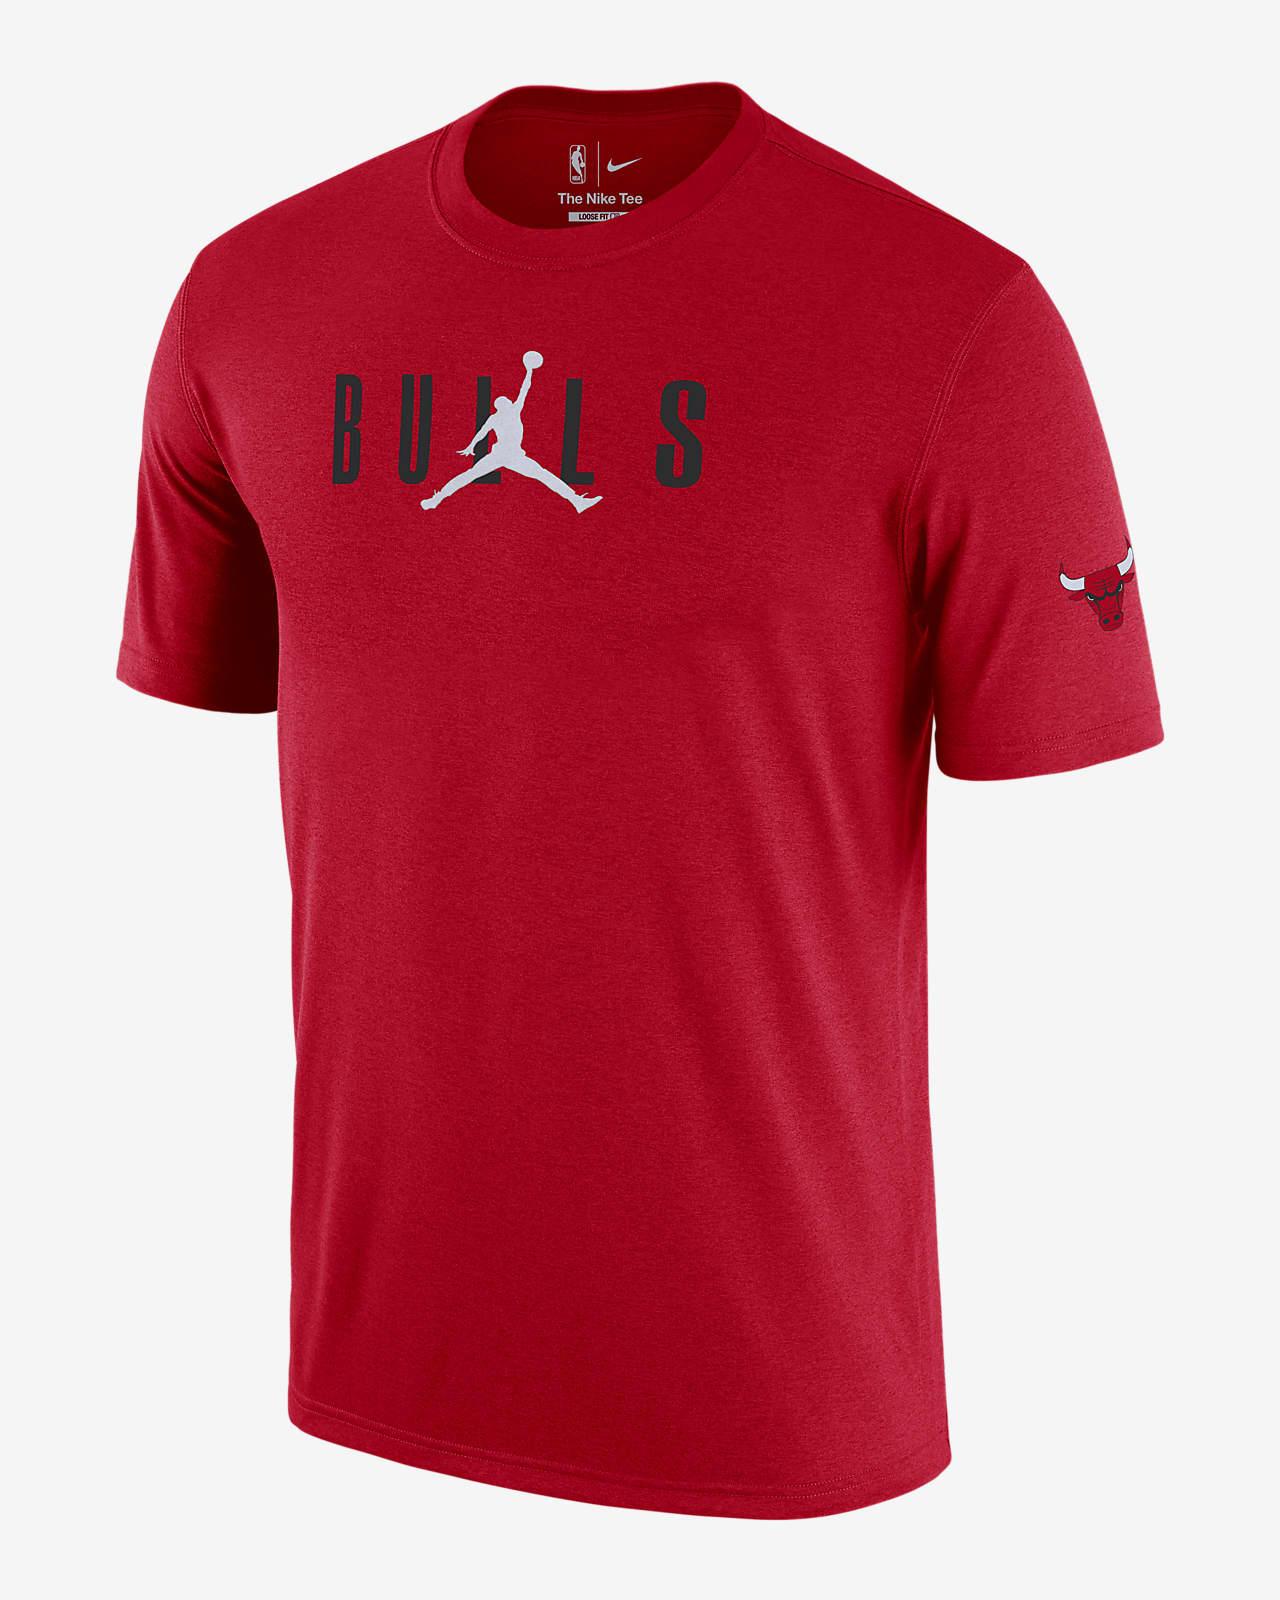 芝加哥公牛队 Courtside Jordan NBA 男子T恤